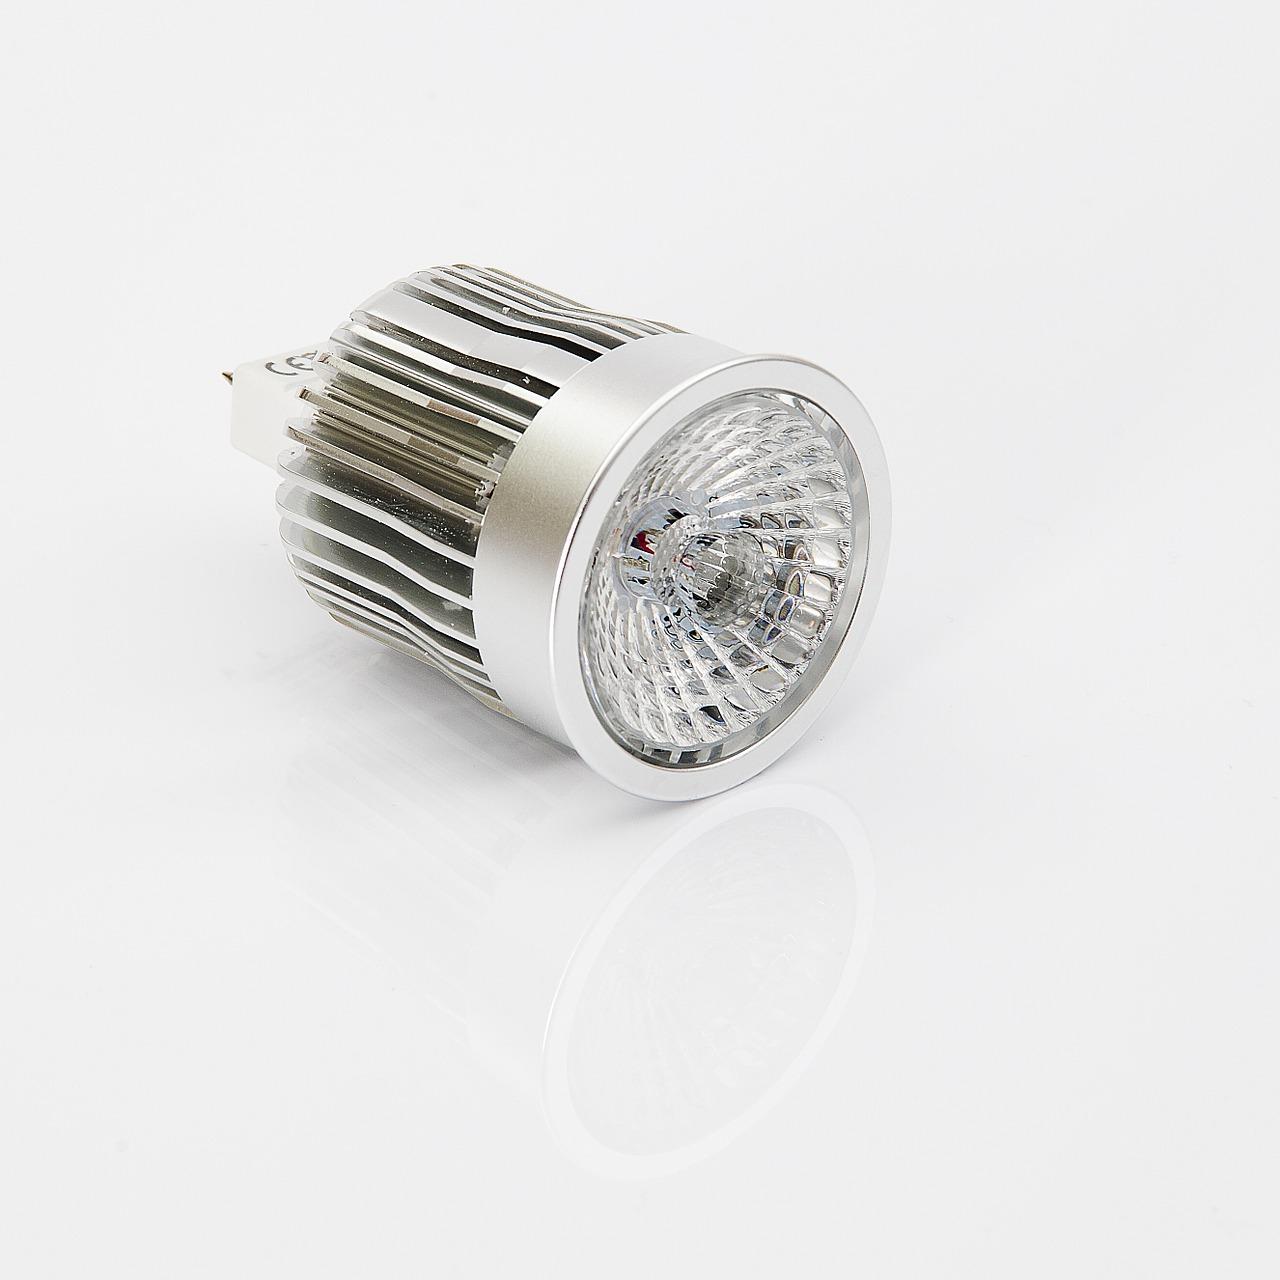 Sposoby łączenia żarówek ledowych – Jak podłączyć żarówki LED szeregowo czy równolegle?